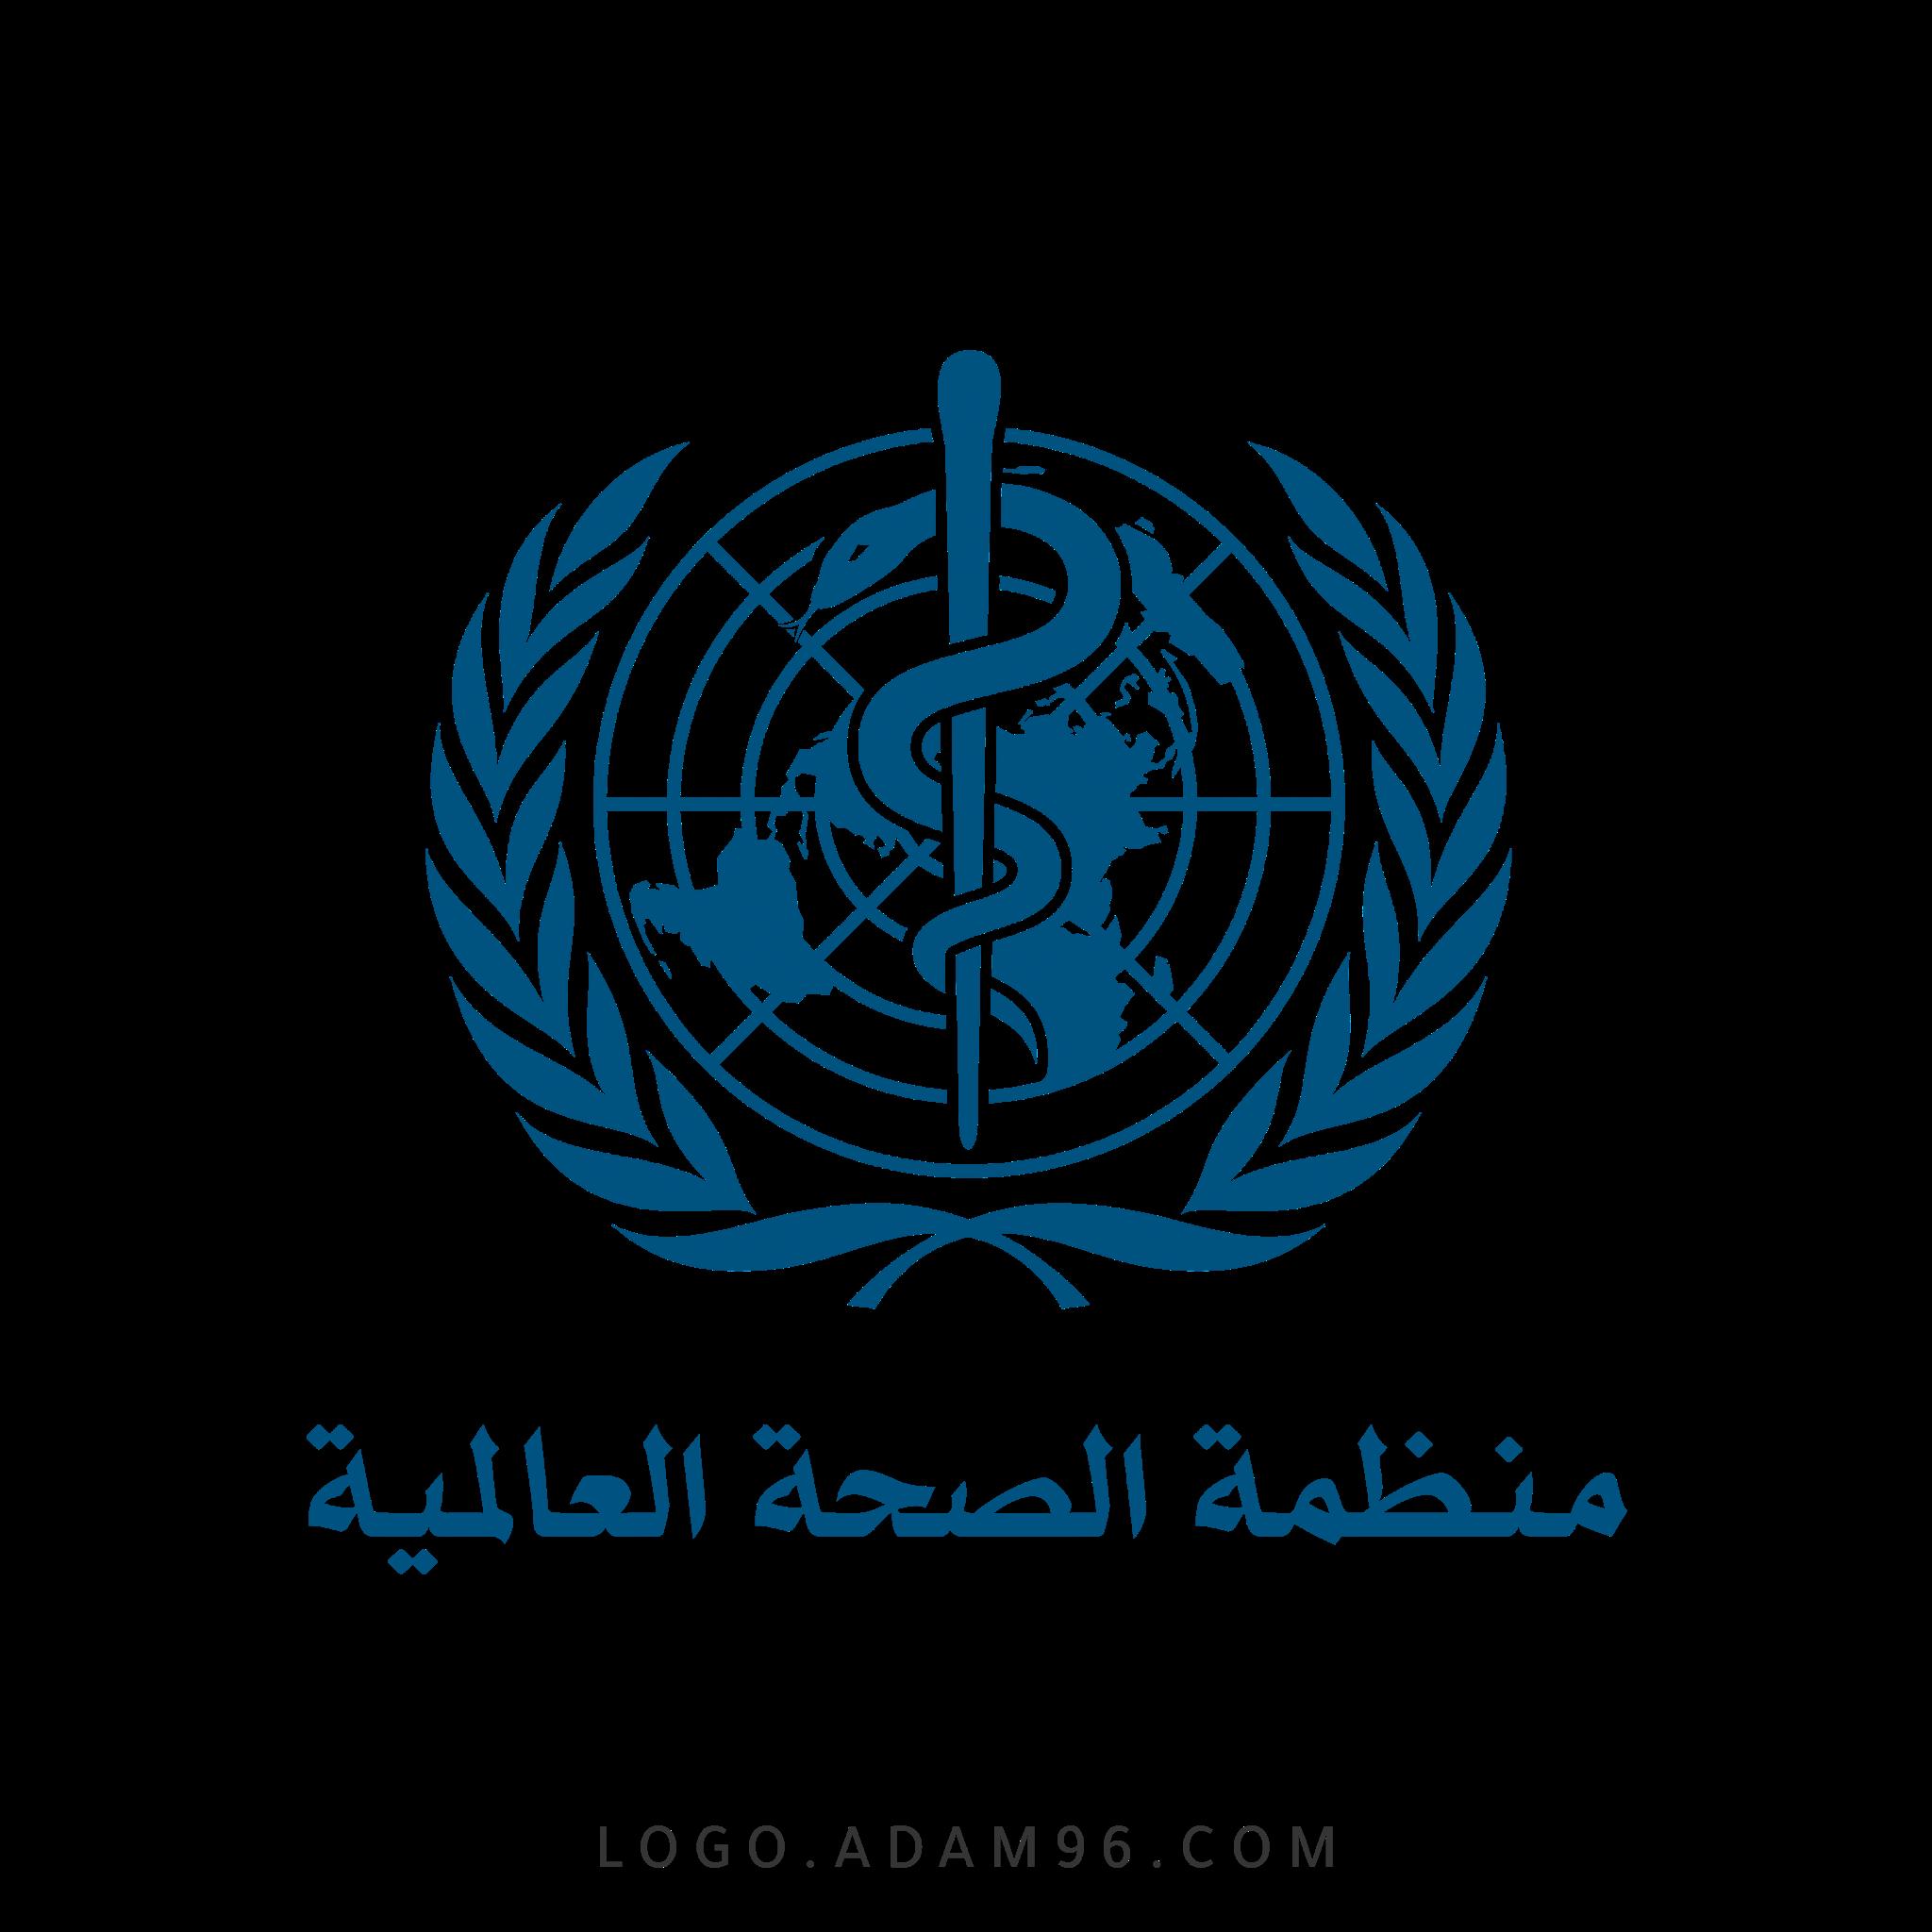 تحميل شعار منظمة الصحة العالمية لوجو شفاف Logo World Health Organization